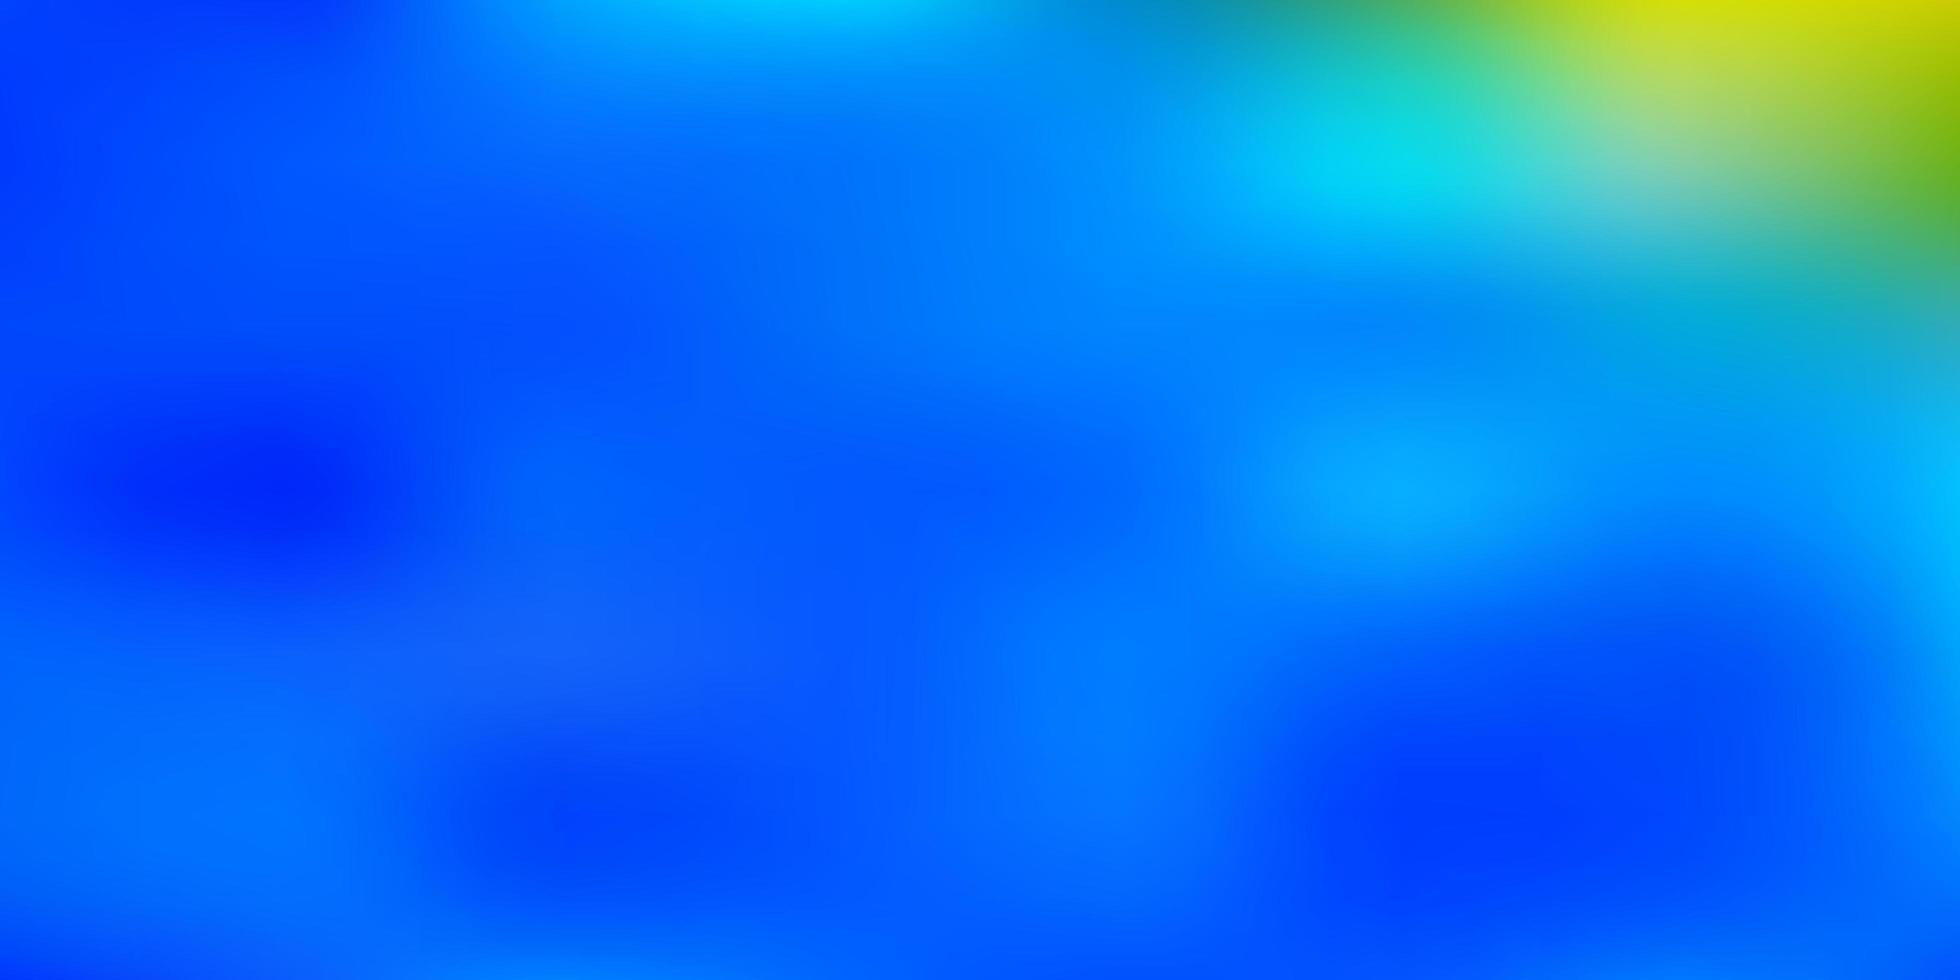 hellblauer, gelber Unschärfehintergrund. vektor